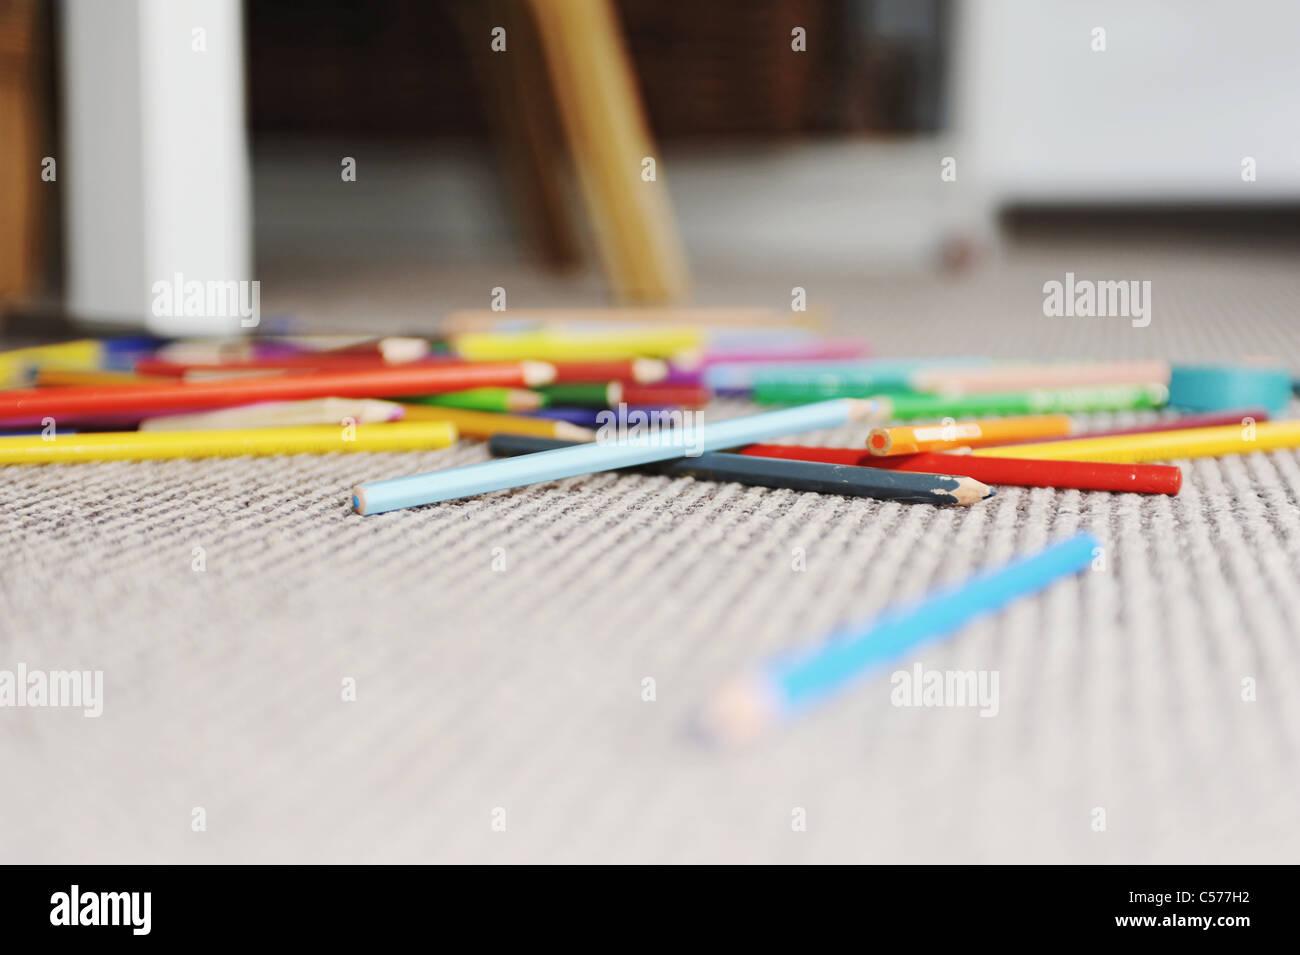 Lápices de colores en una pila en el suelo Imagen De Stock